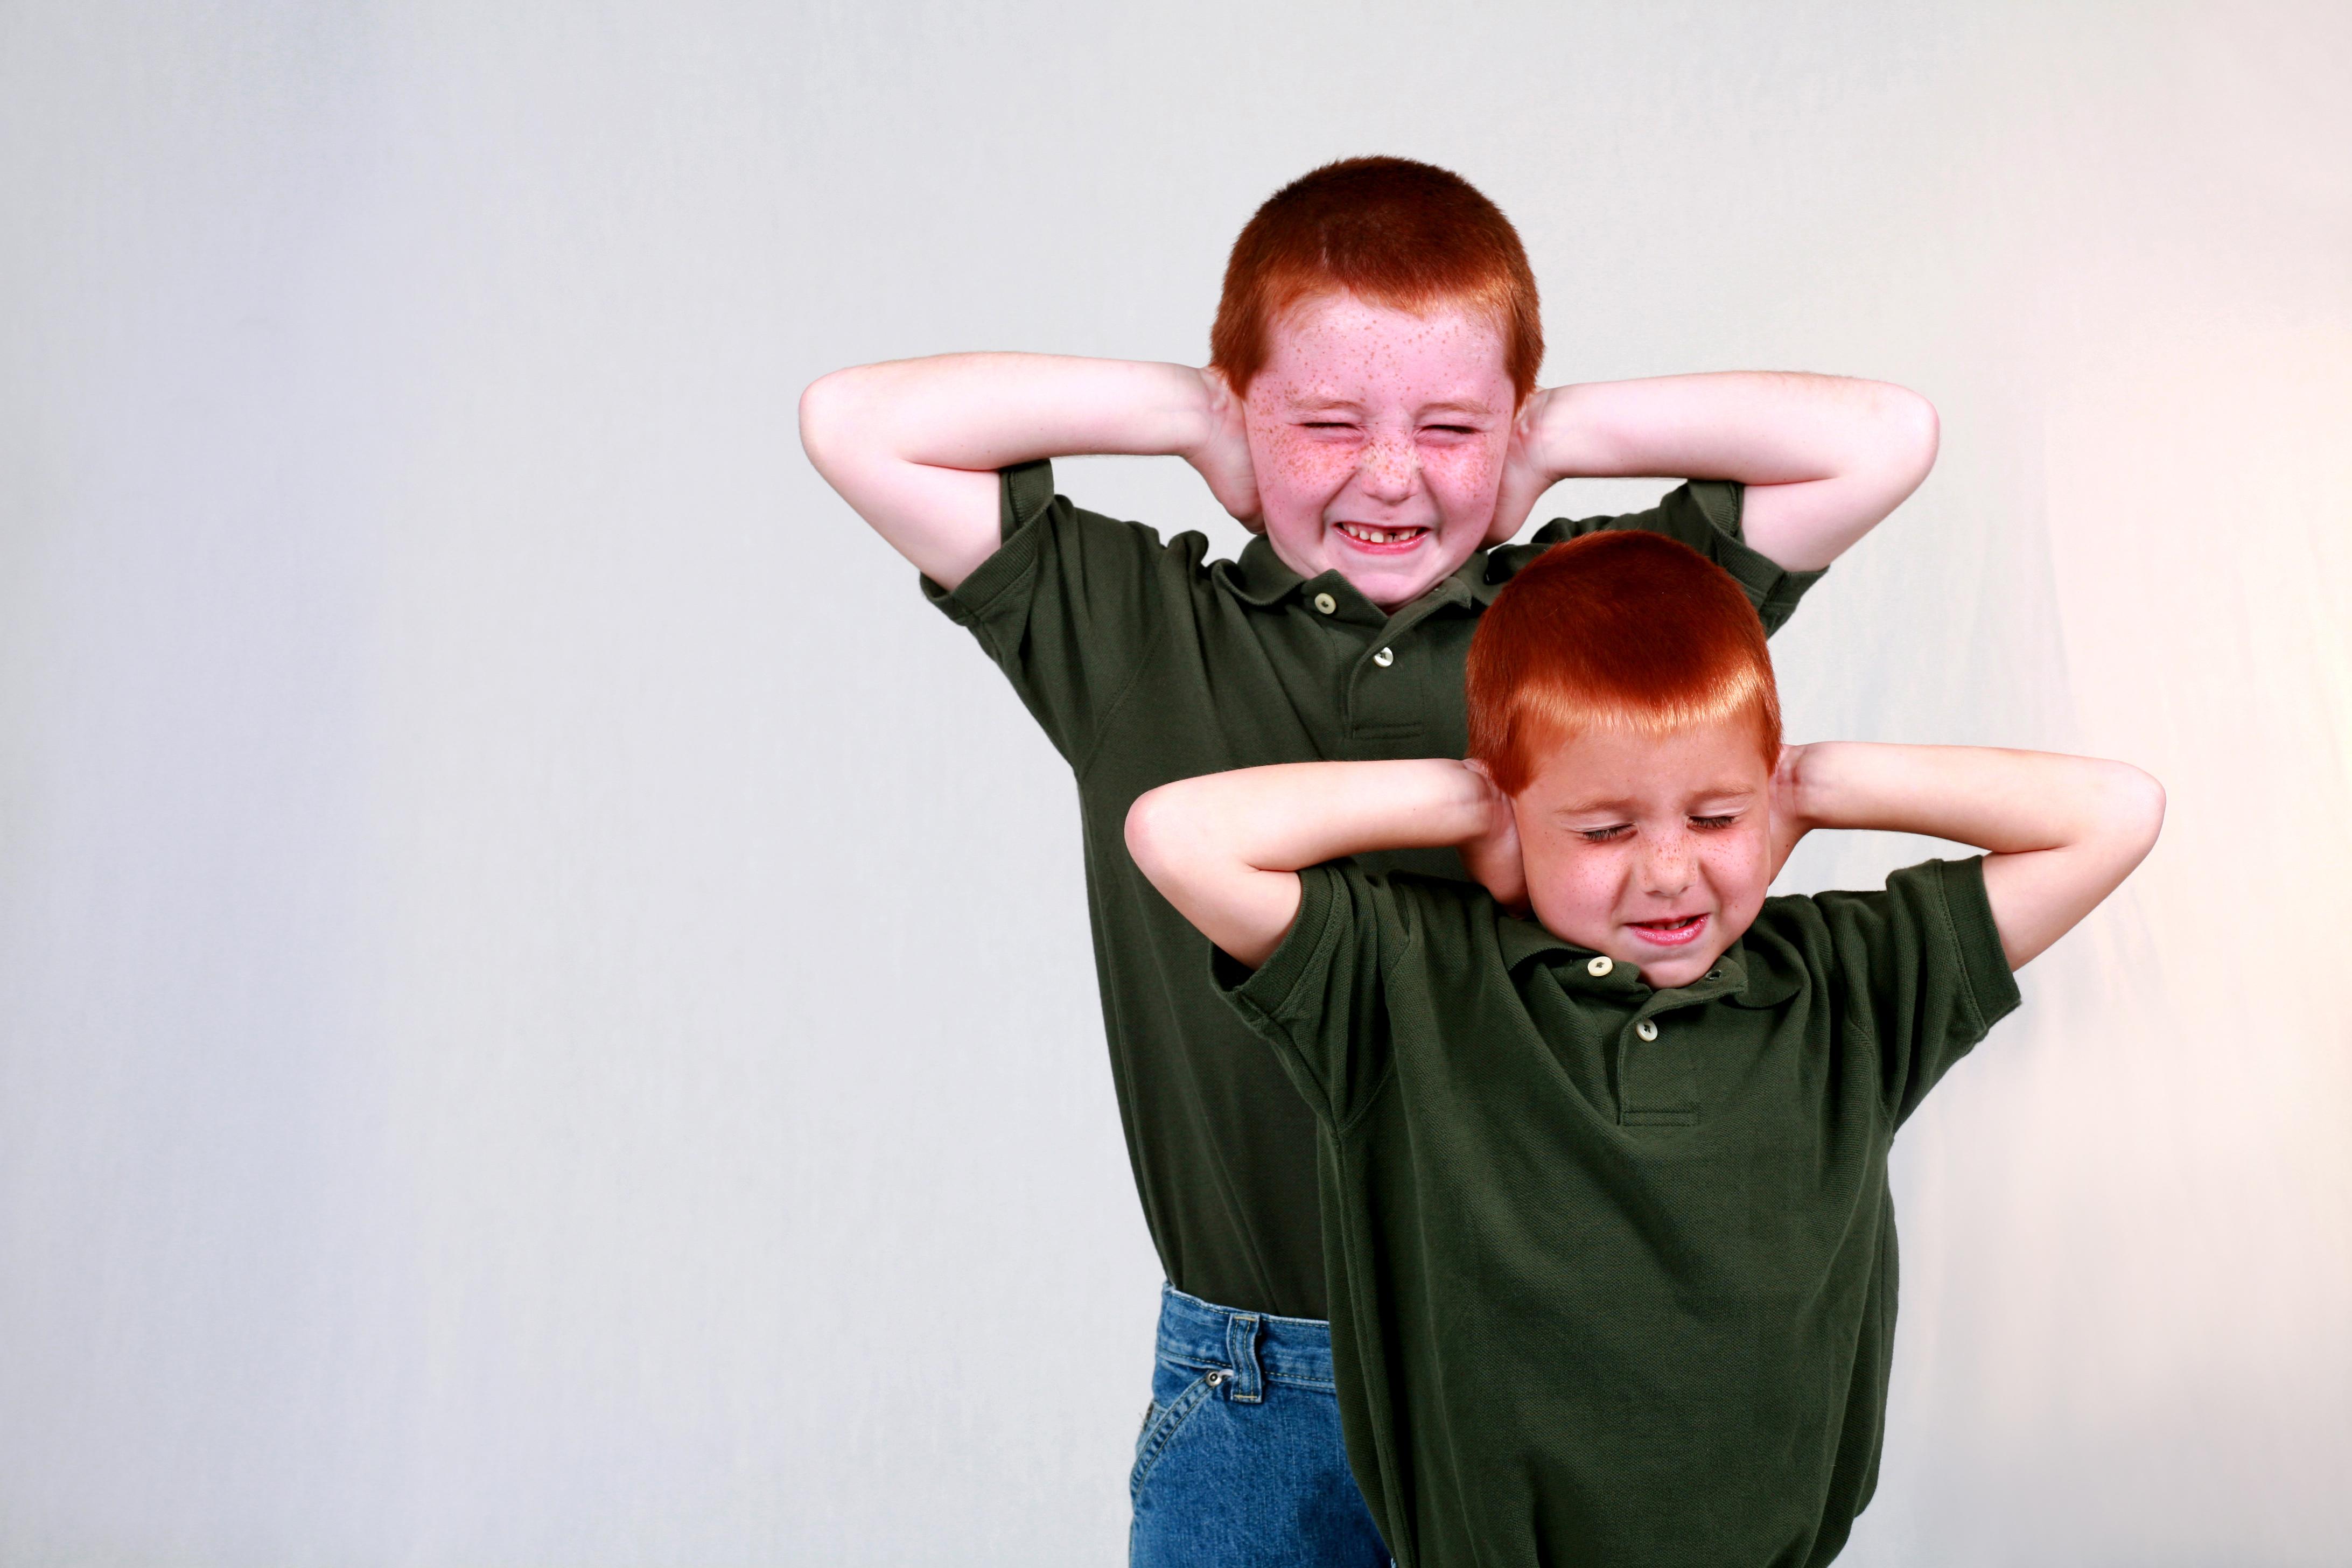 Personer med Aspergers syndrom kan ha svårigheter att koncentrera sig och vara mycket ljudkänsliga.